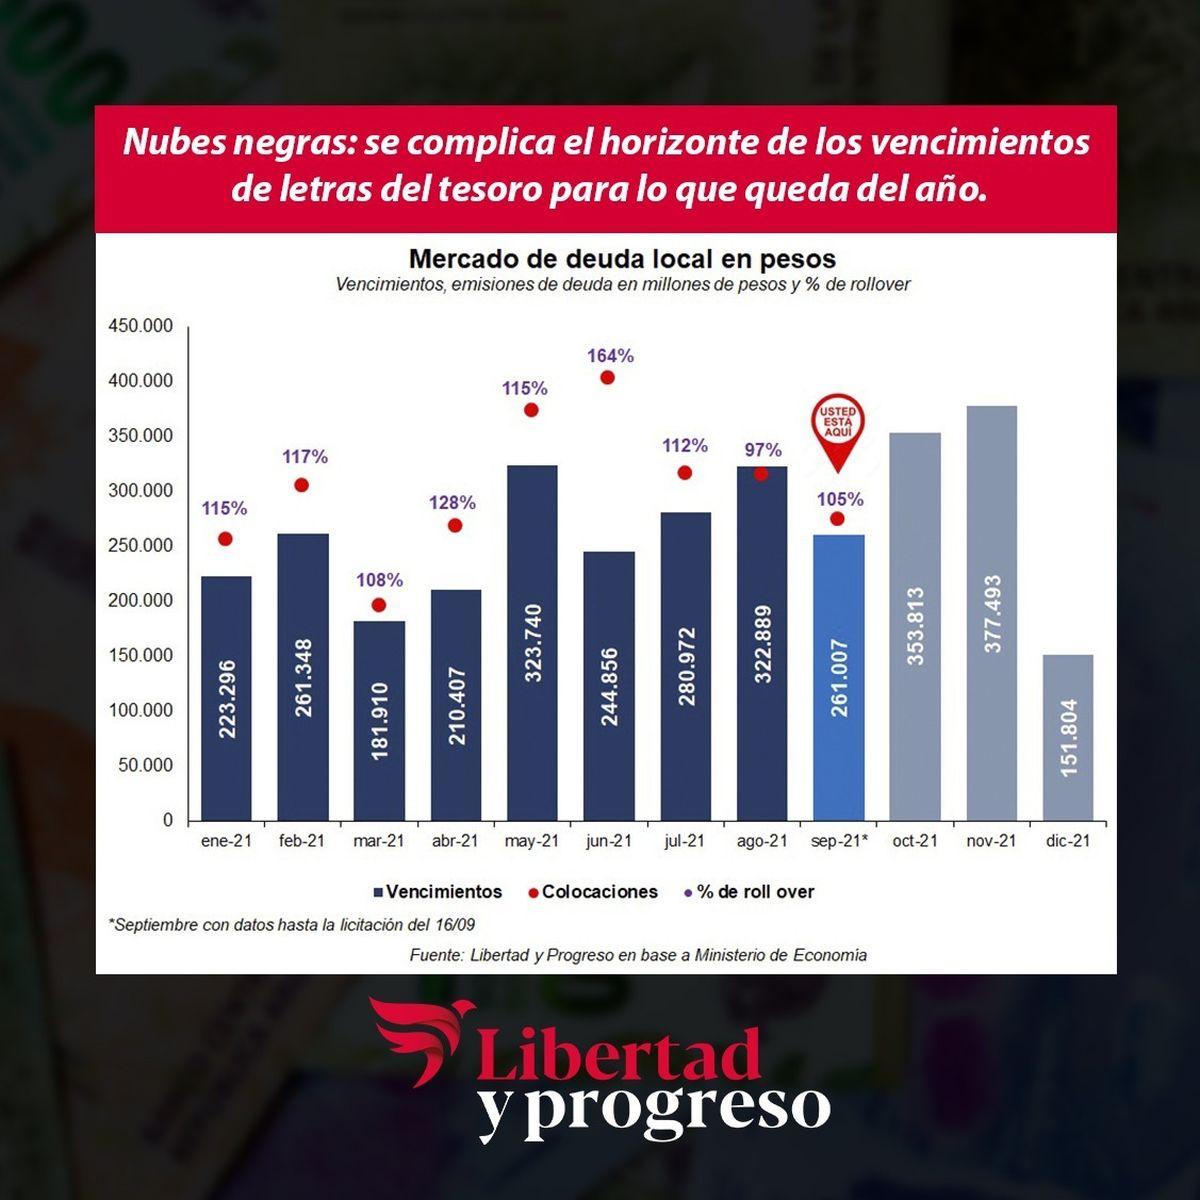 Gráfico de la Fundación Libertad y Progreso